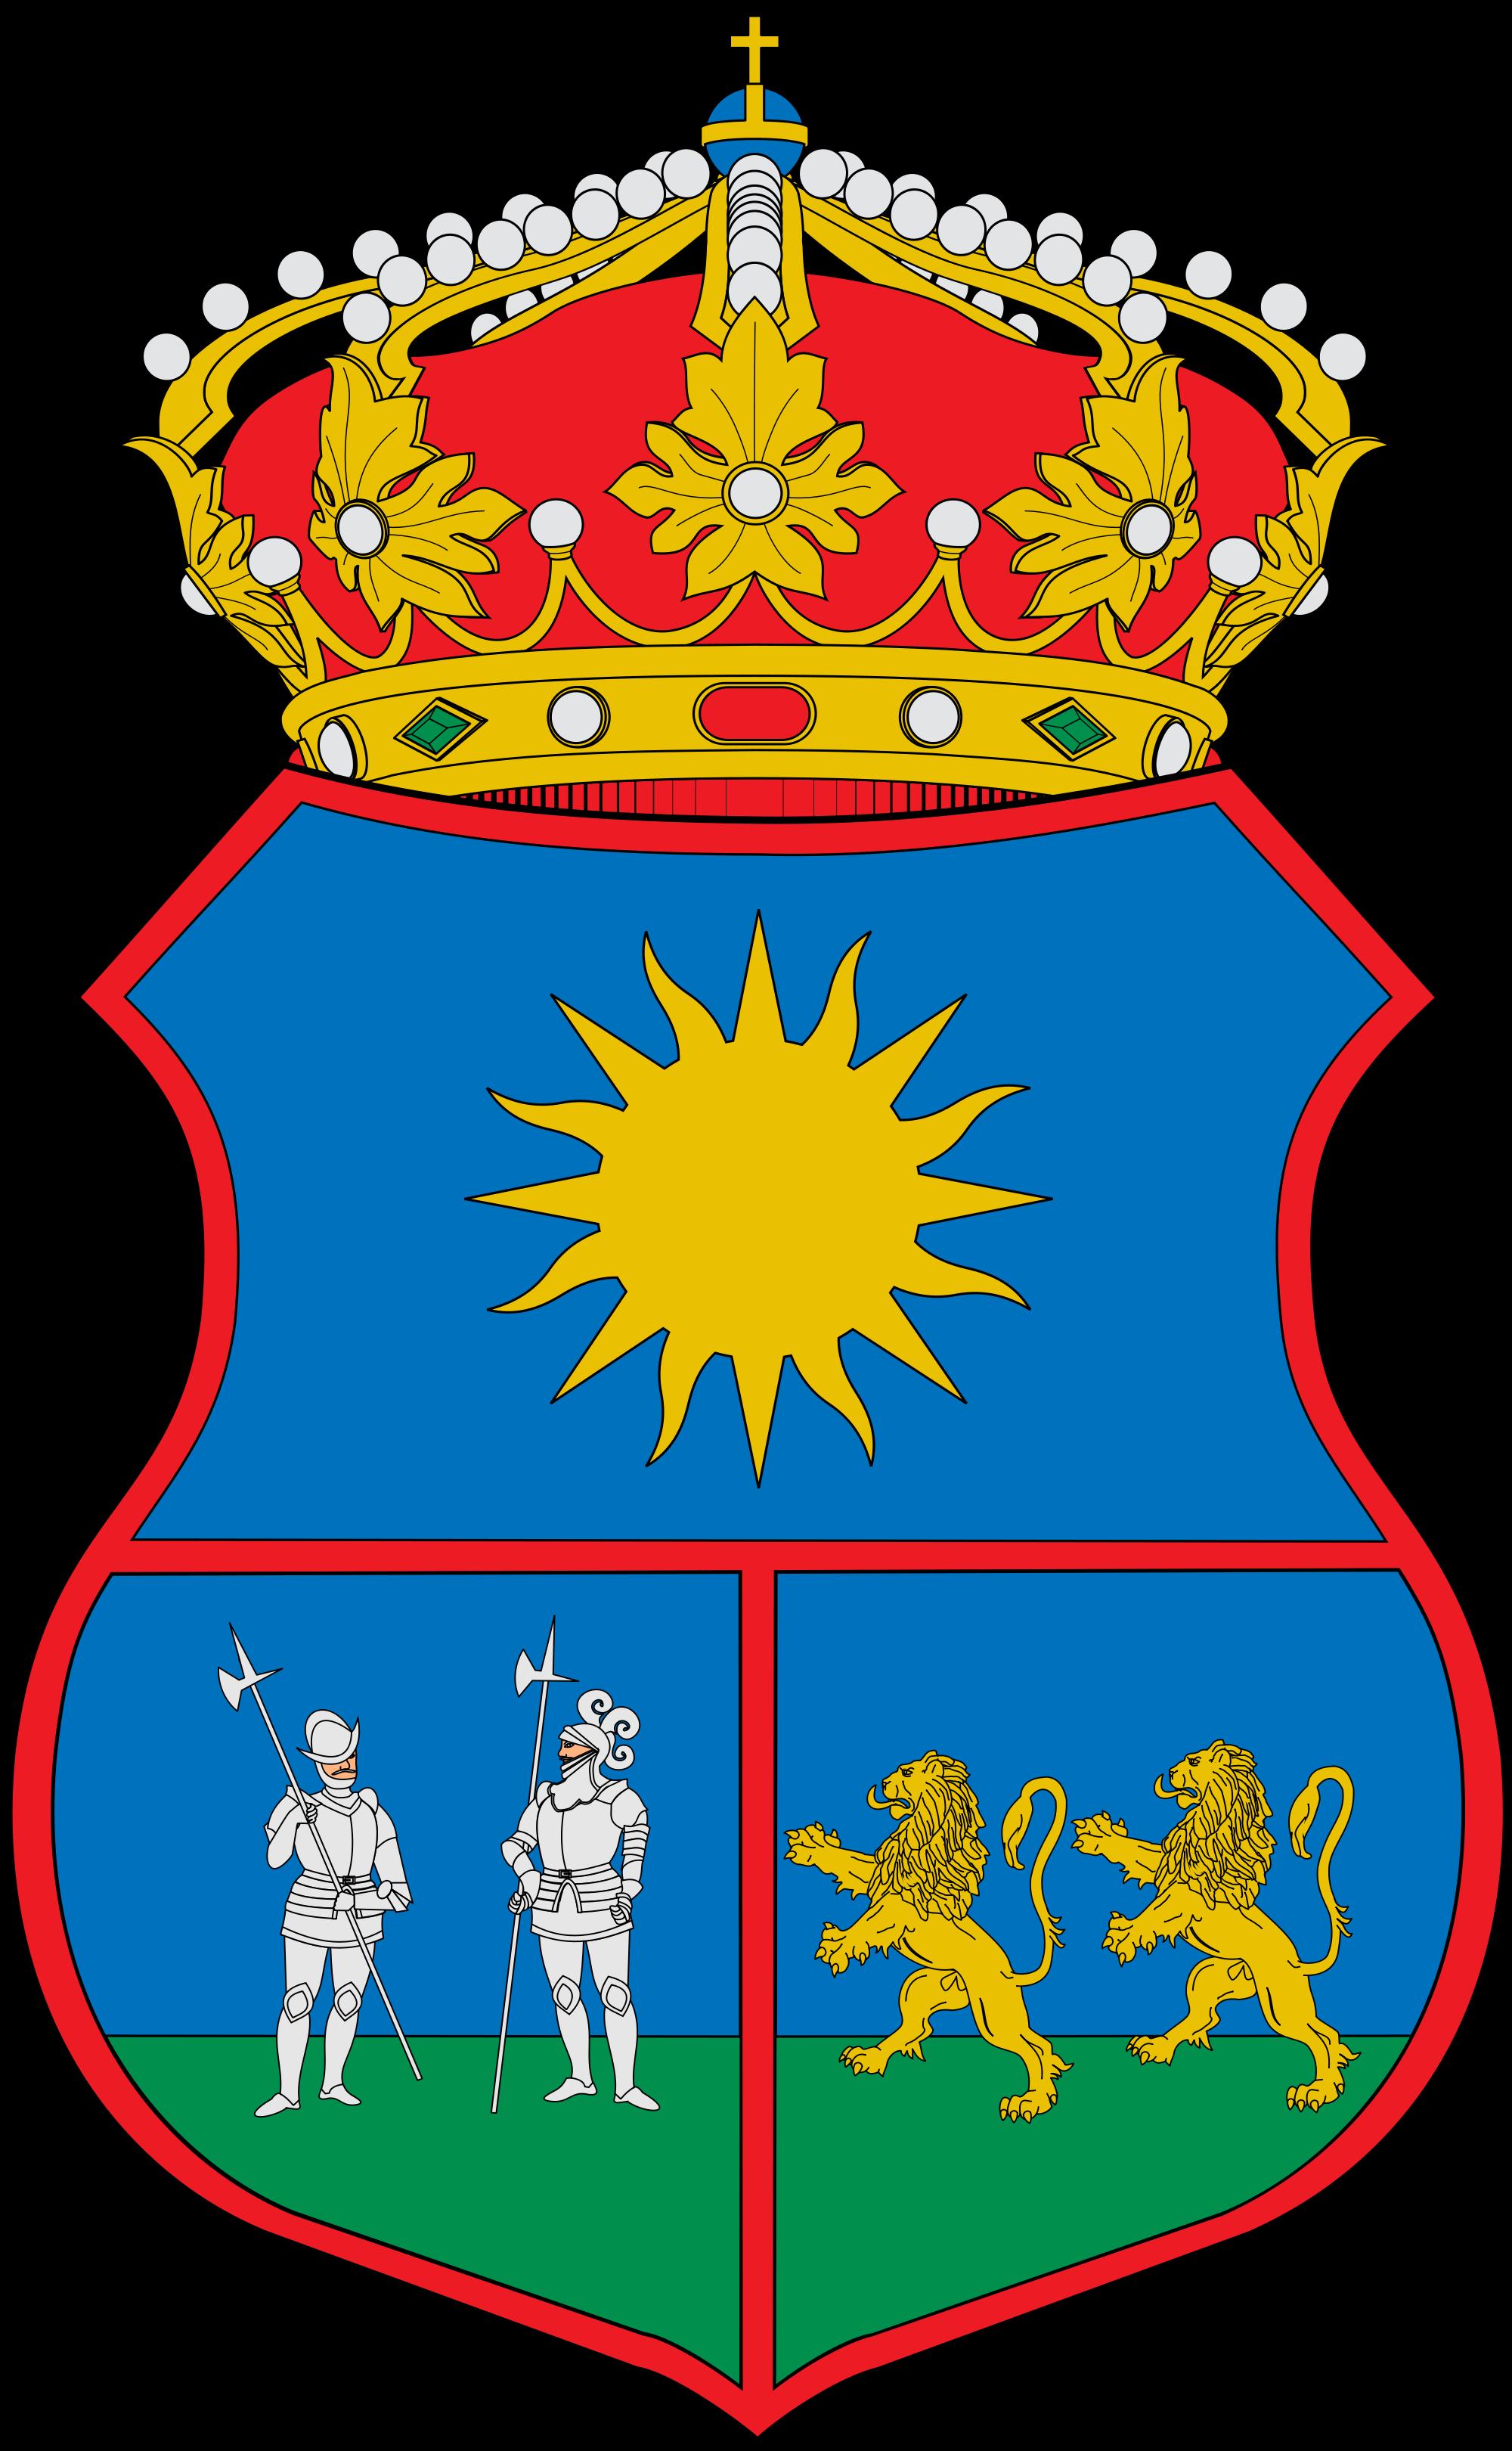 File:Escudo de Buga (Valle del Cauca).svg.